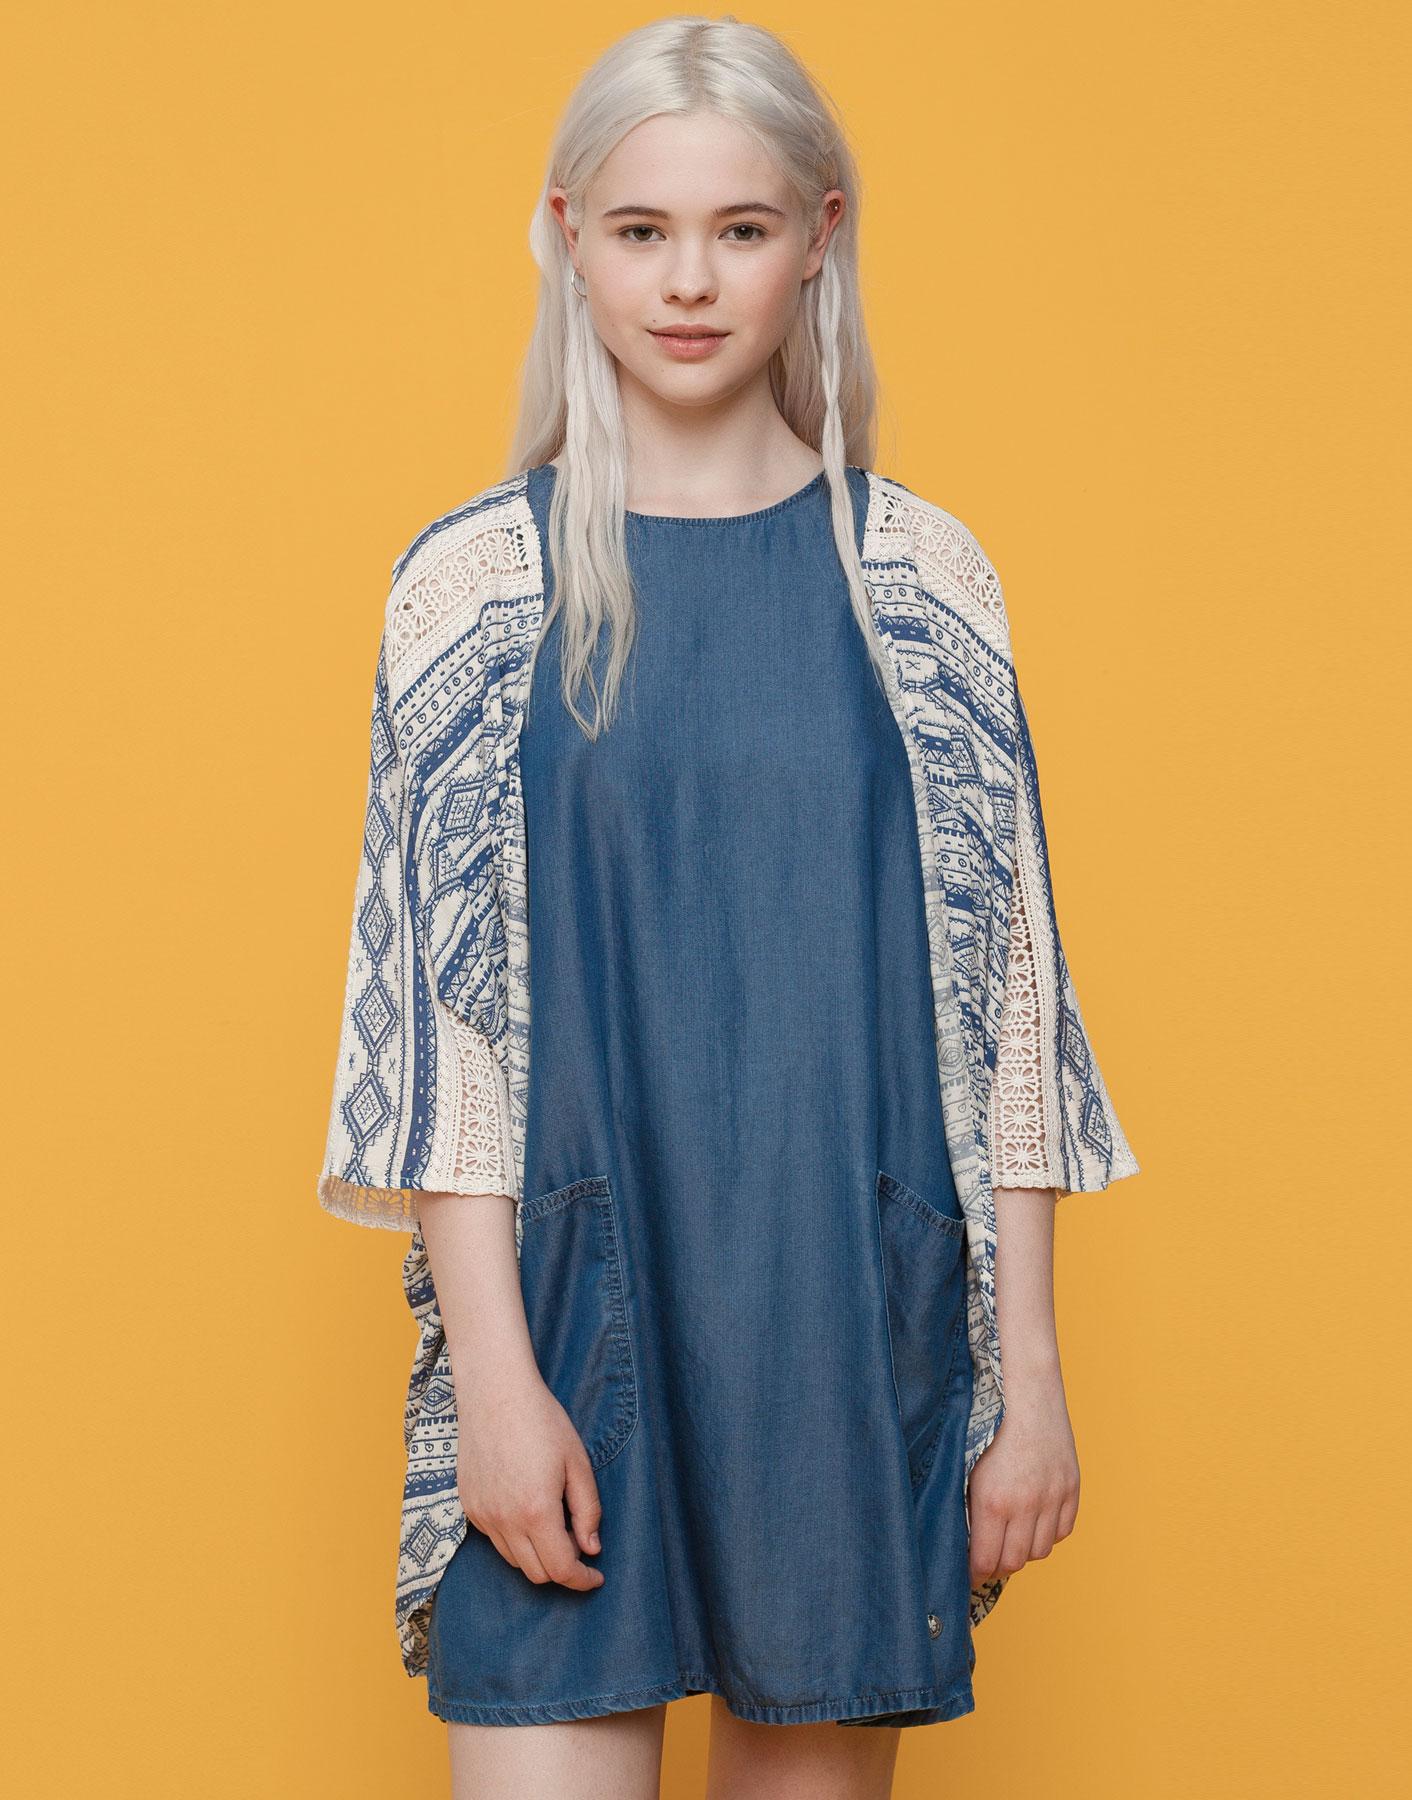 Kimono antes 25.99 euros ahora 9.99